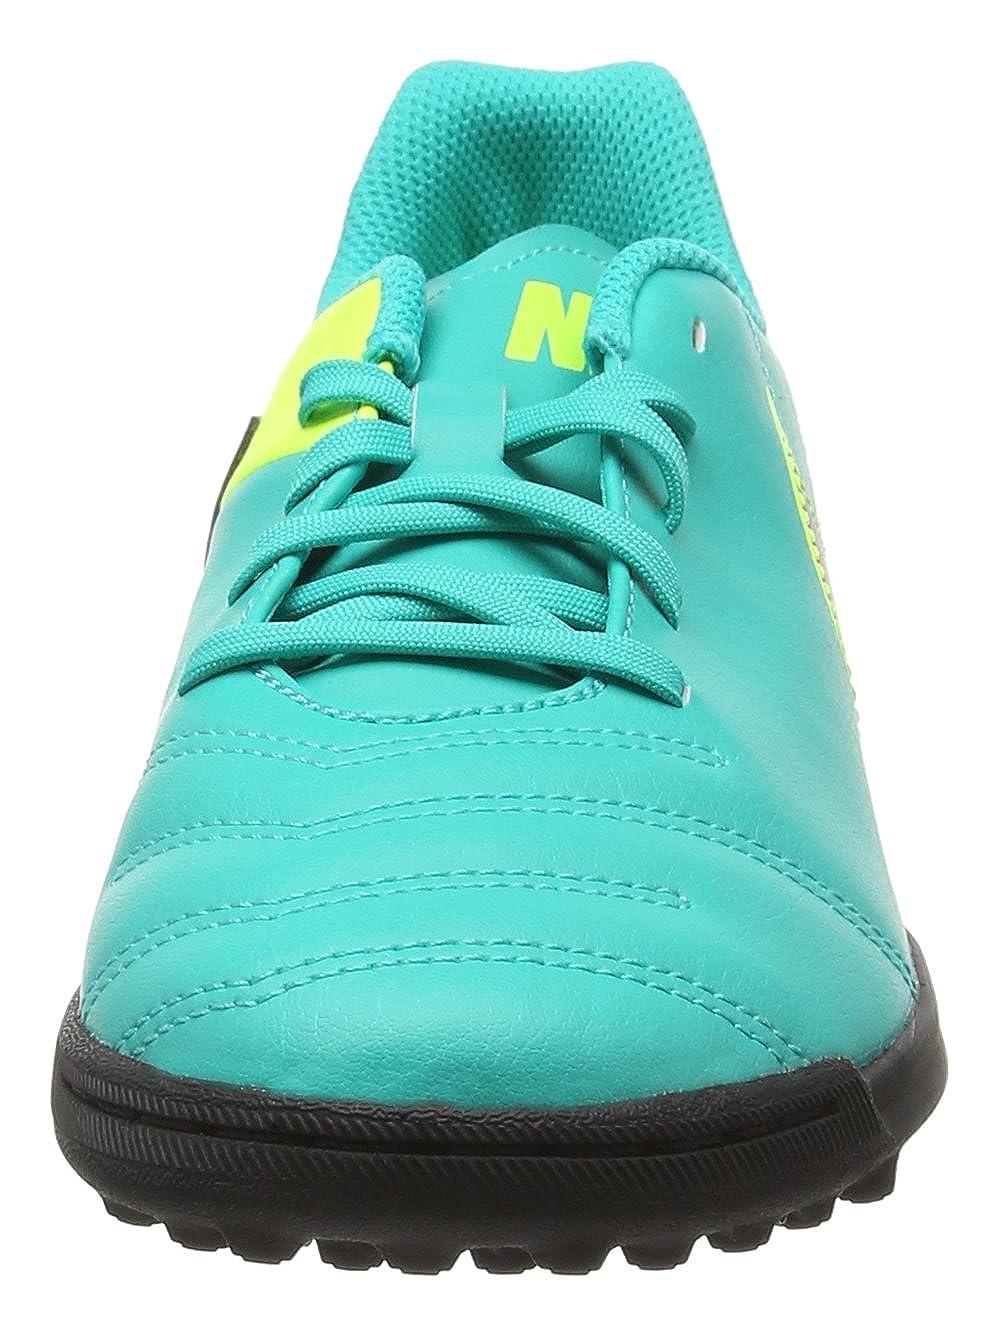 970a4515d Nike Tiempox Rio Iii Tf